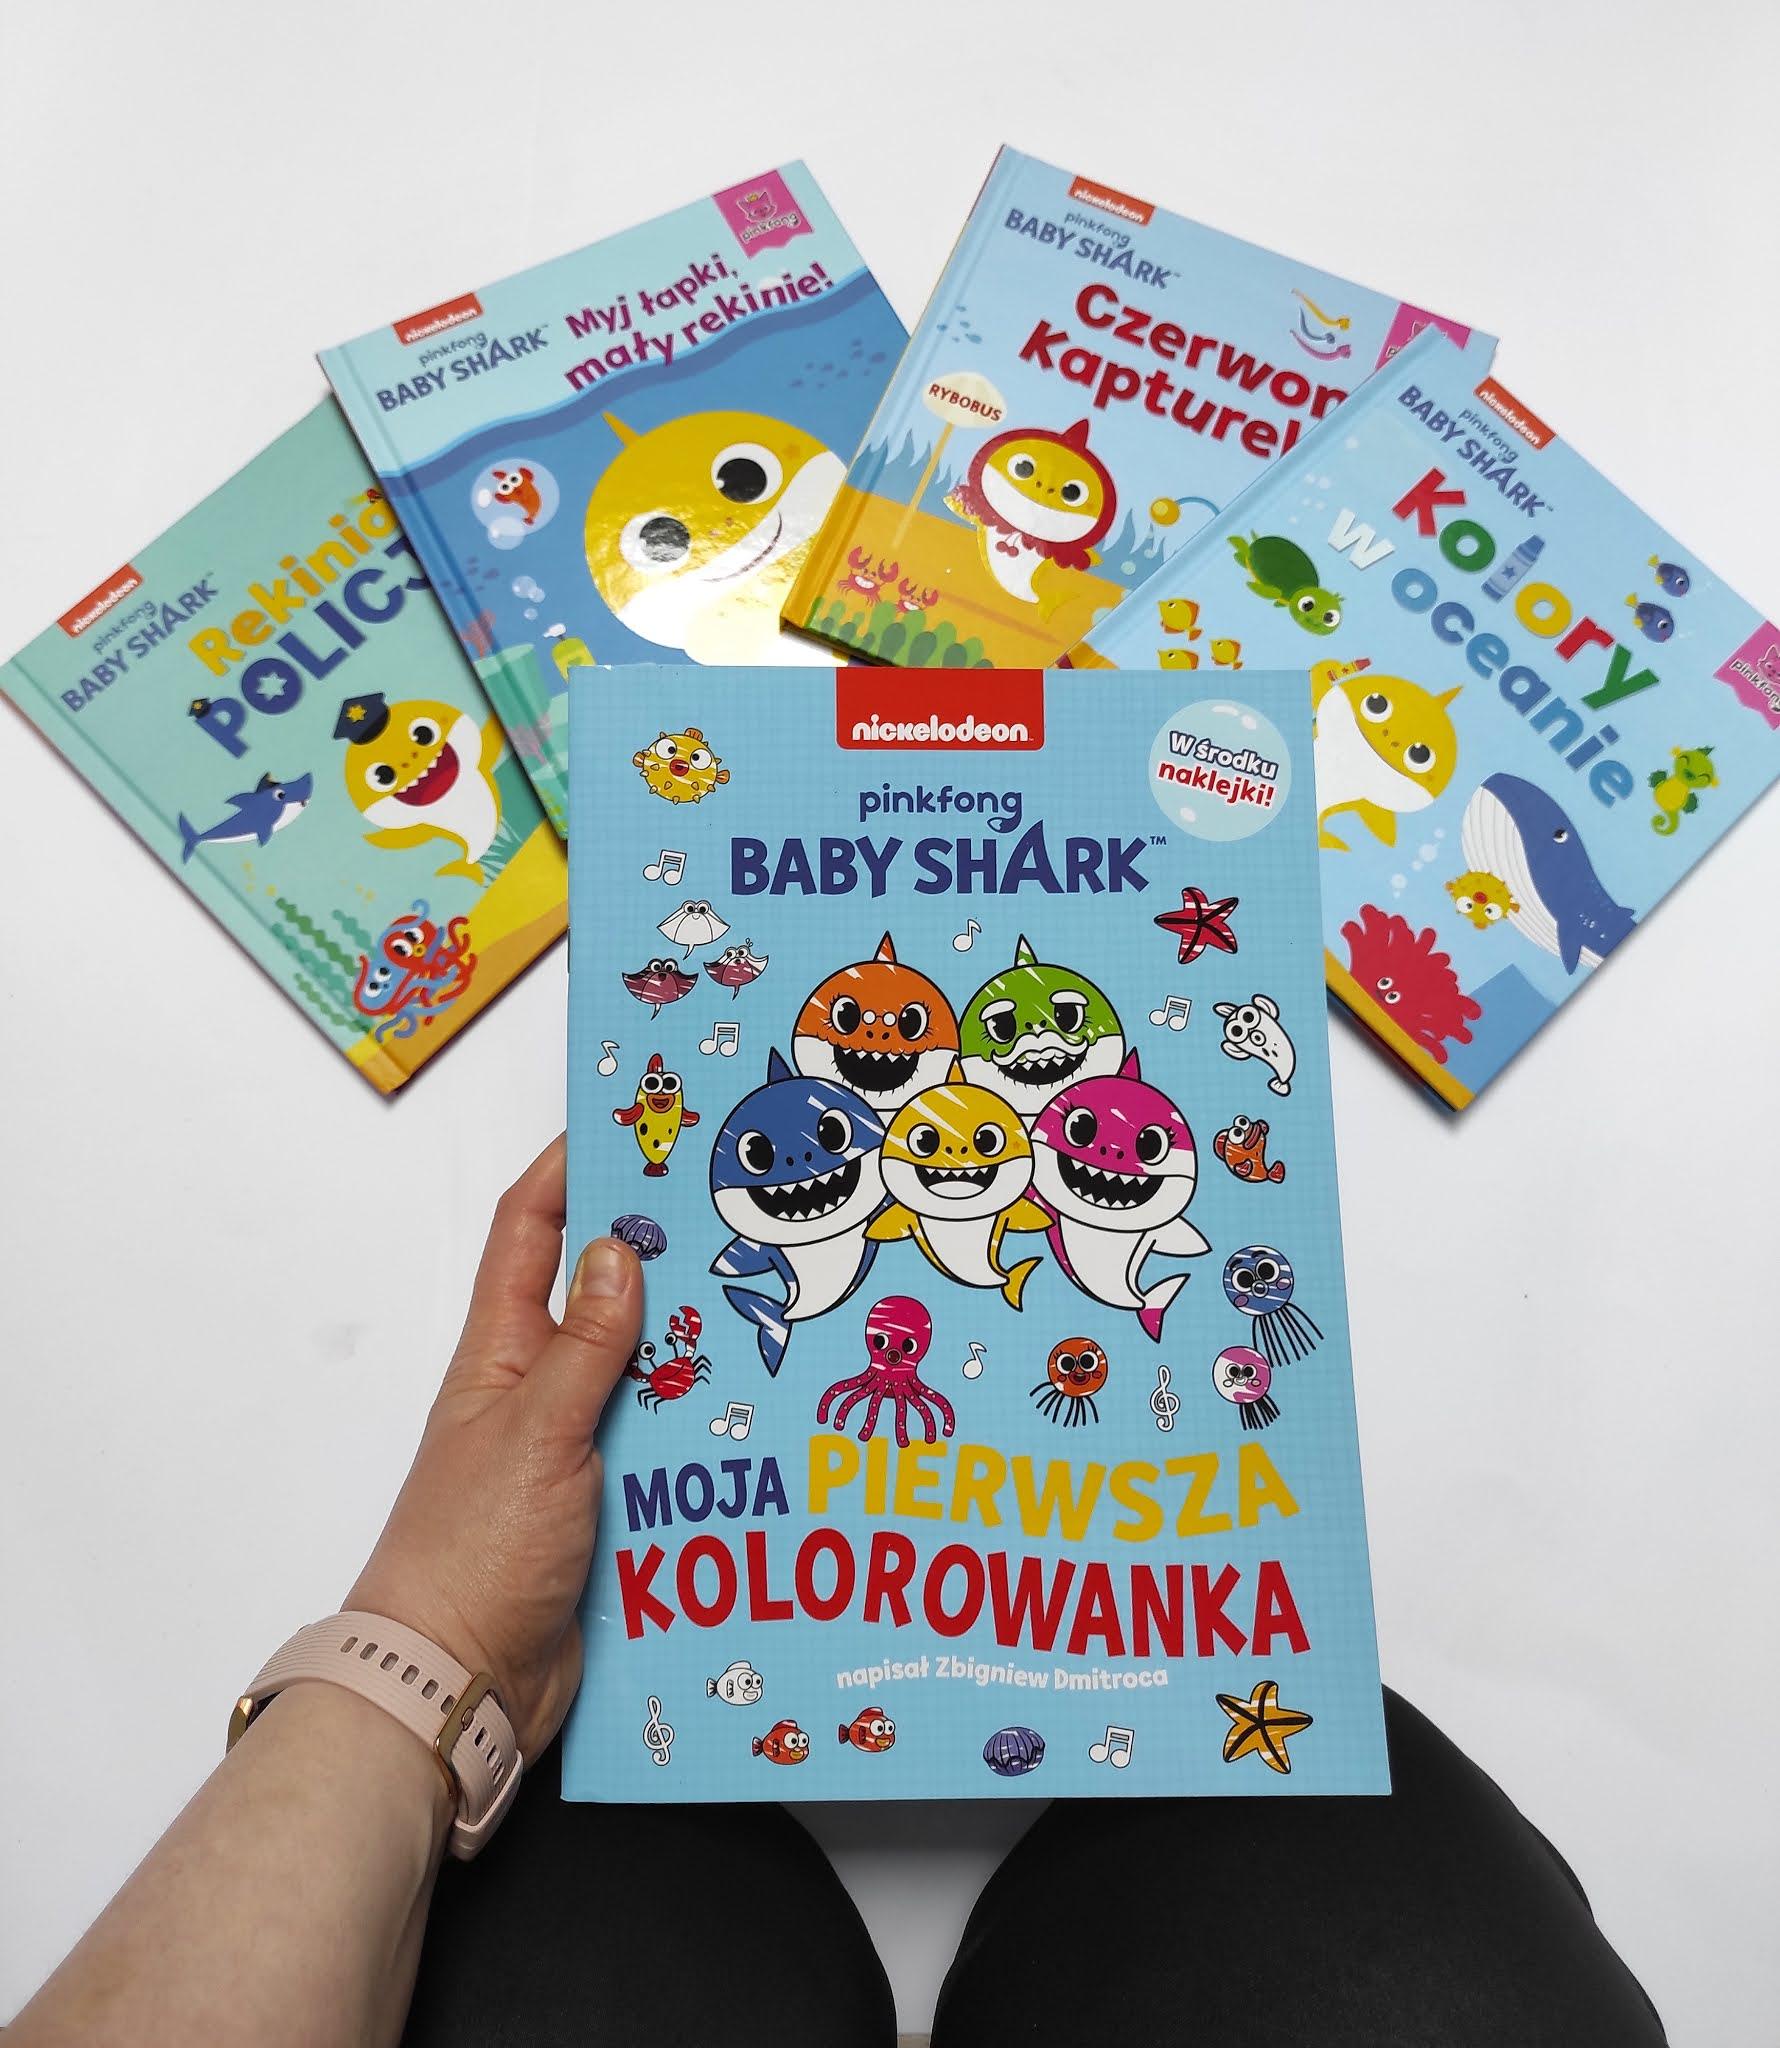 Pinkfog Baby Shark - książeczki dla dzieci na podstawie kultowej piosenki.